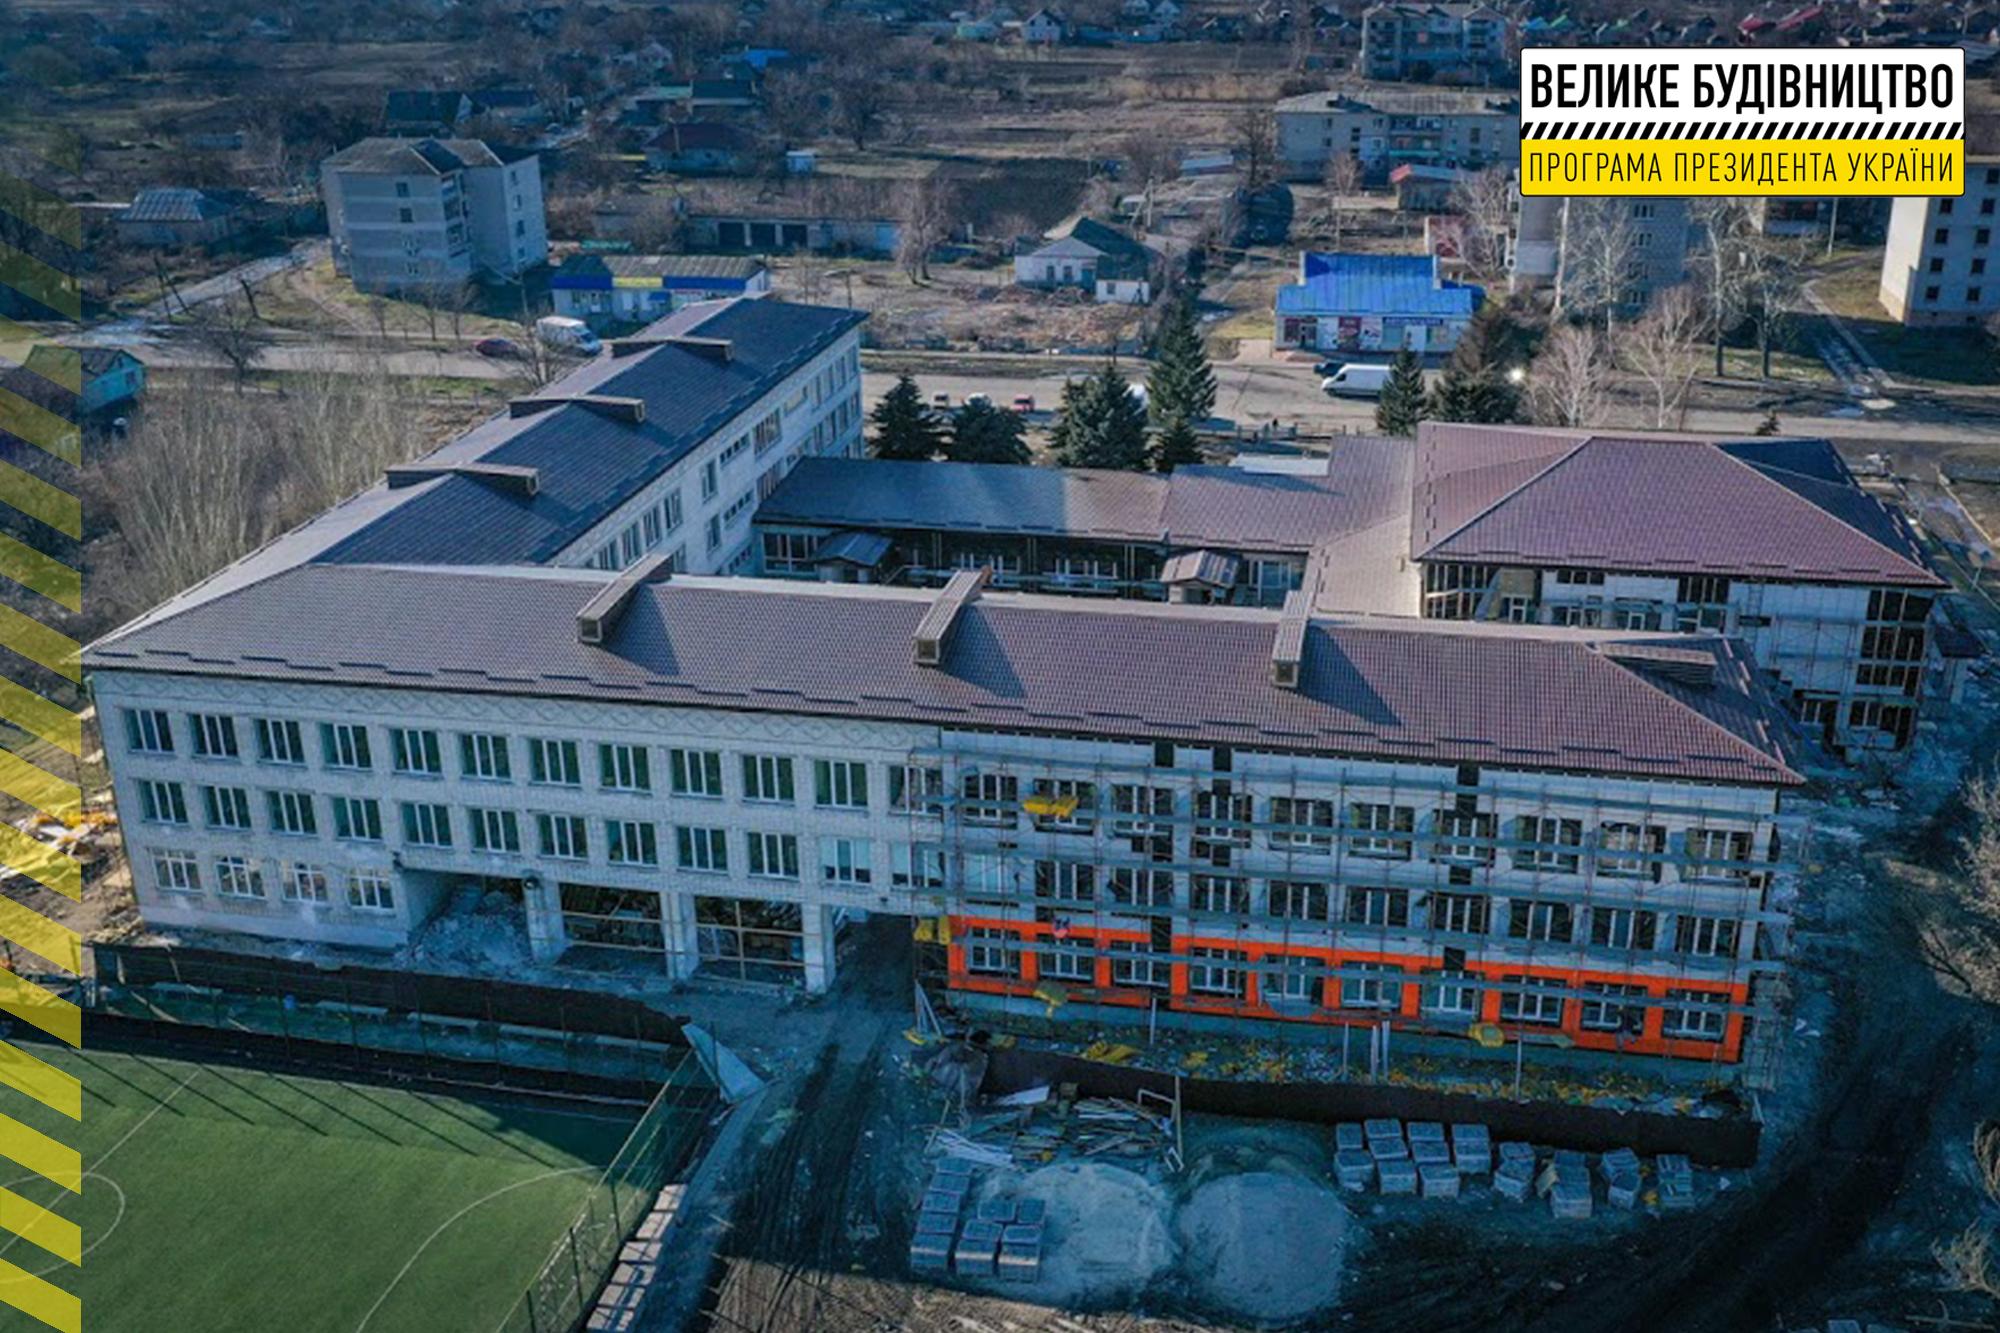 Реконструюють і школи. Енергоефективним та затишним буде навчальний заклад у Петропавлівці